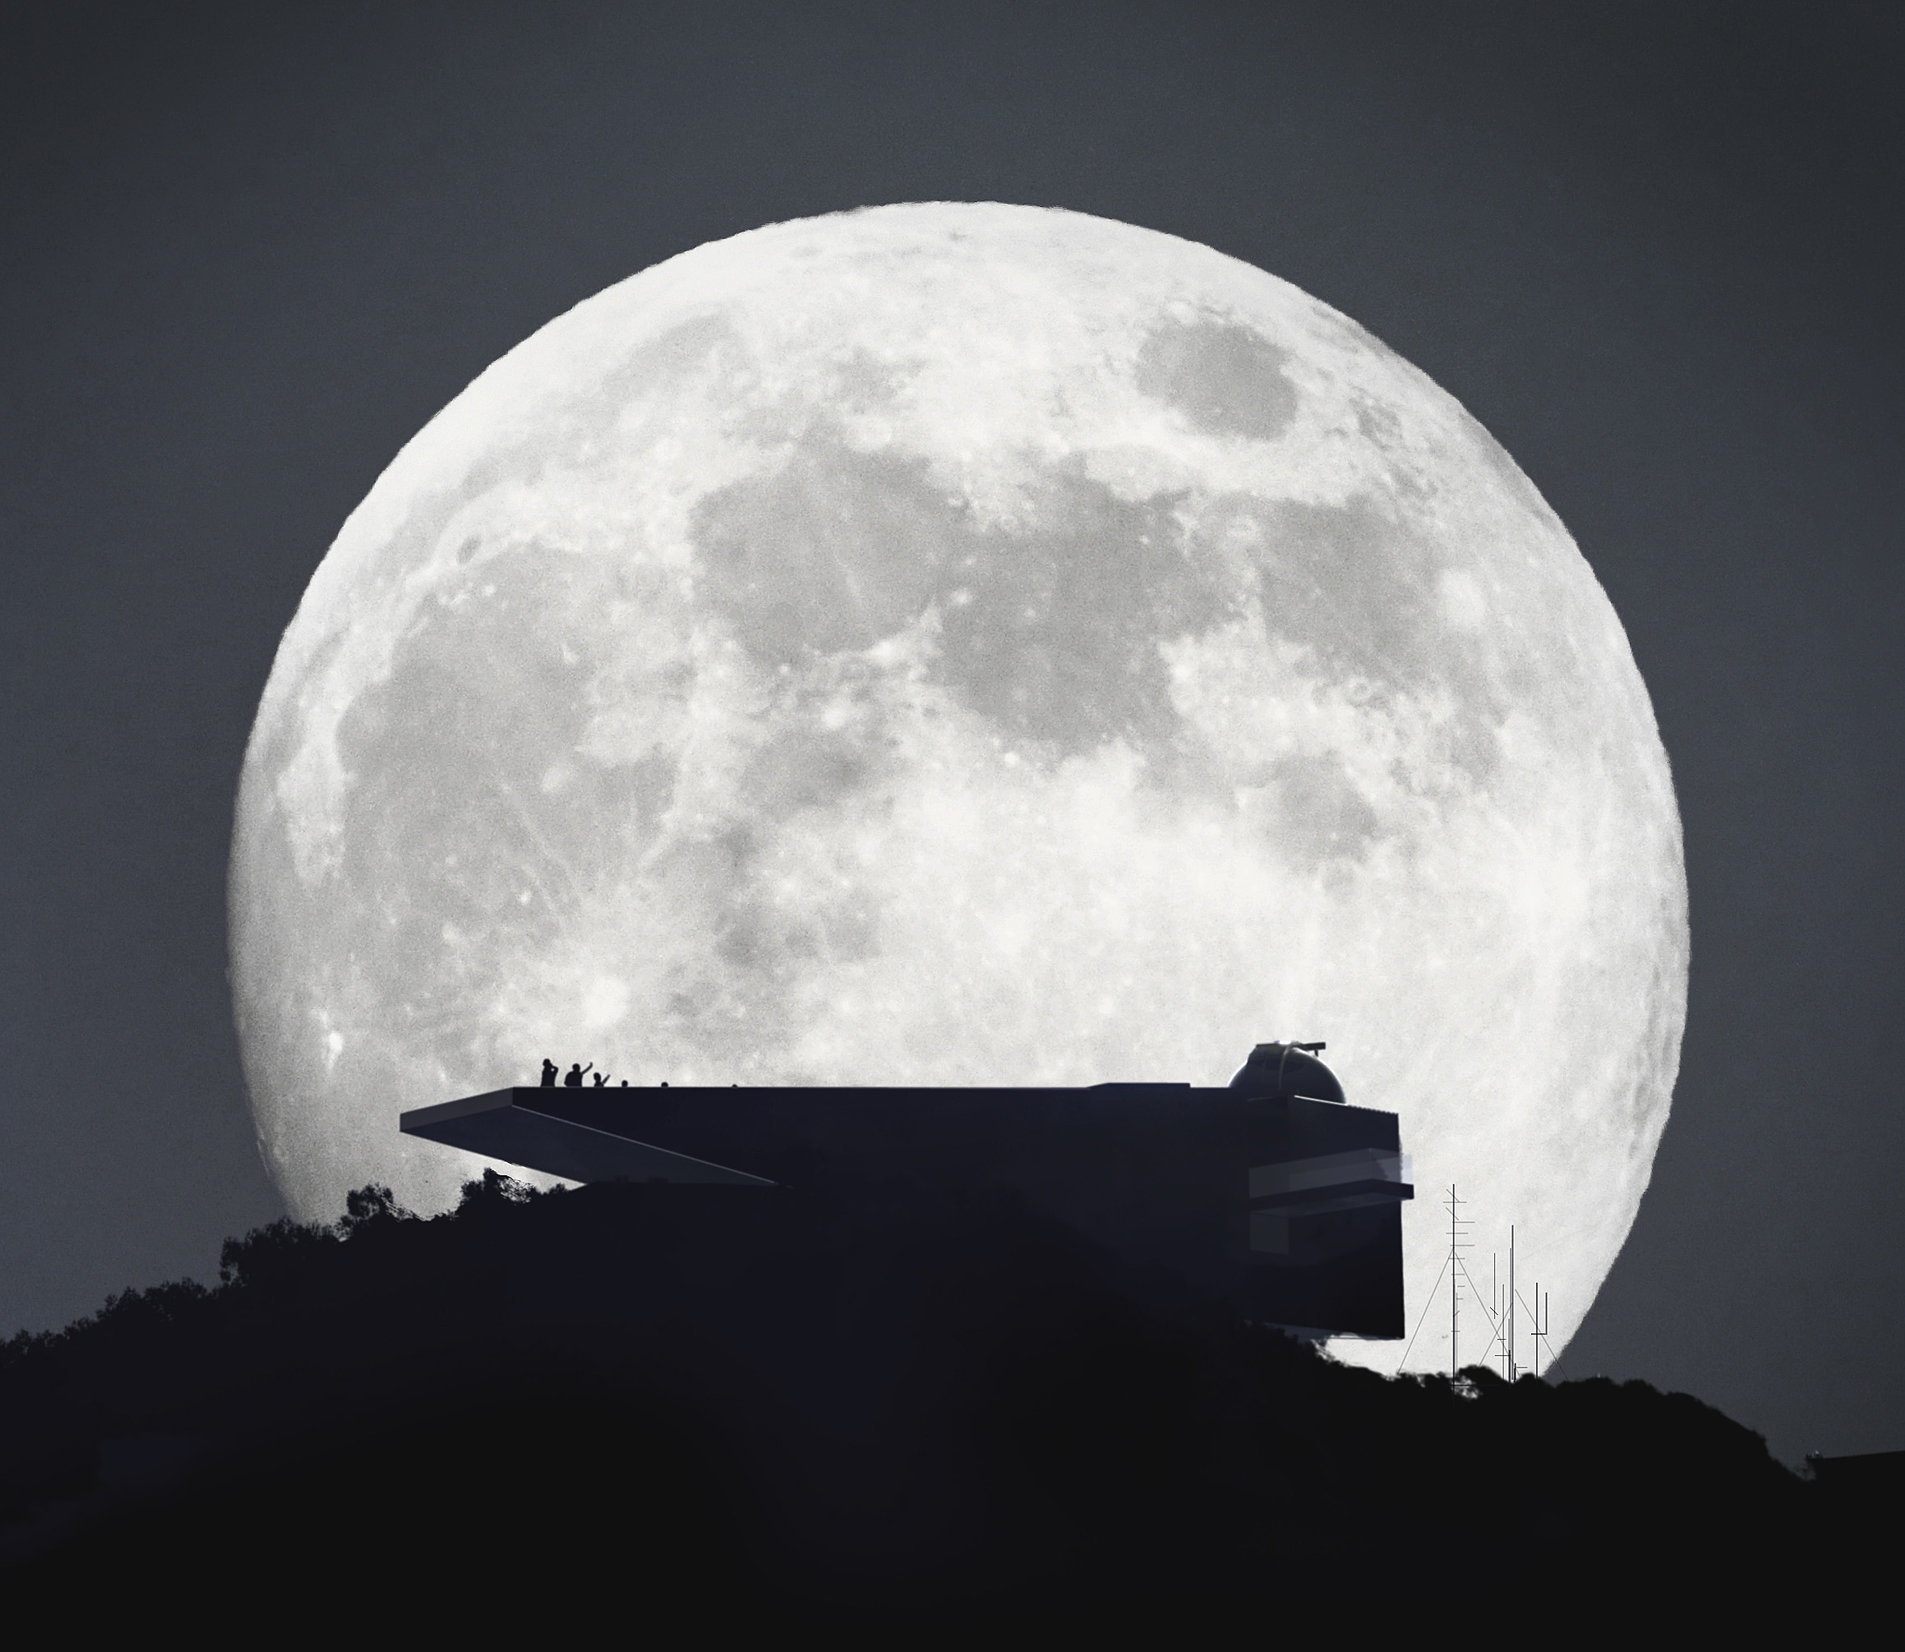 la lune_low res 01.jpg